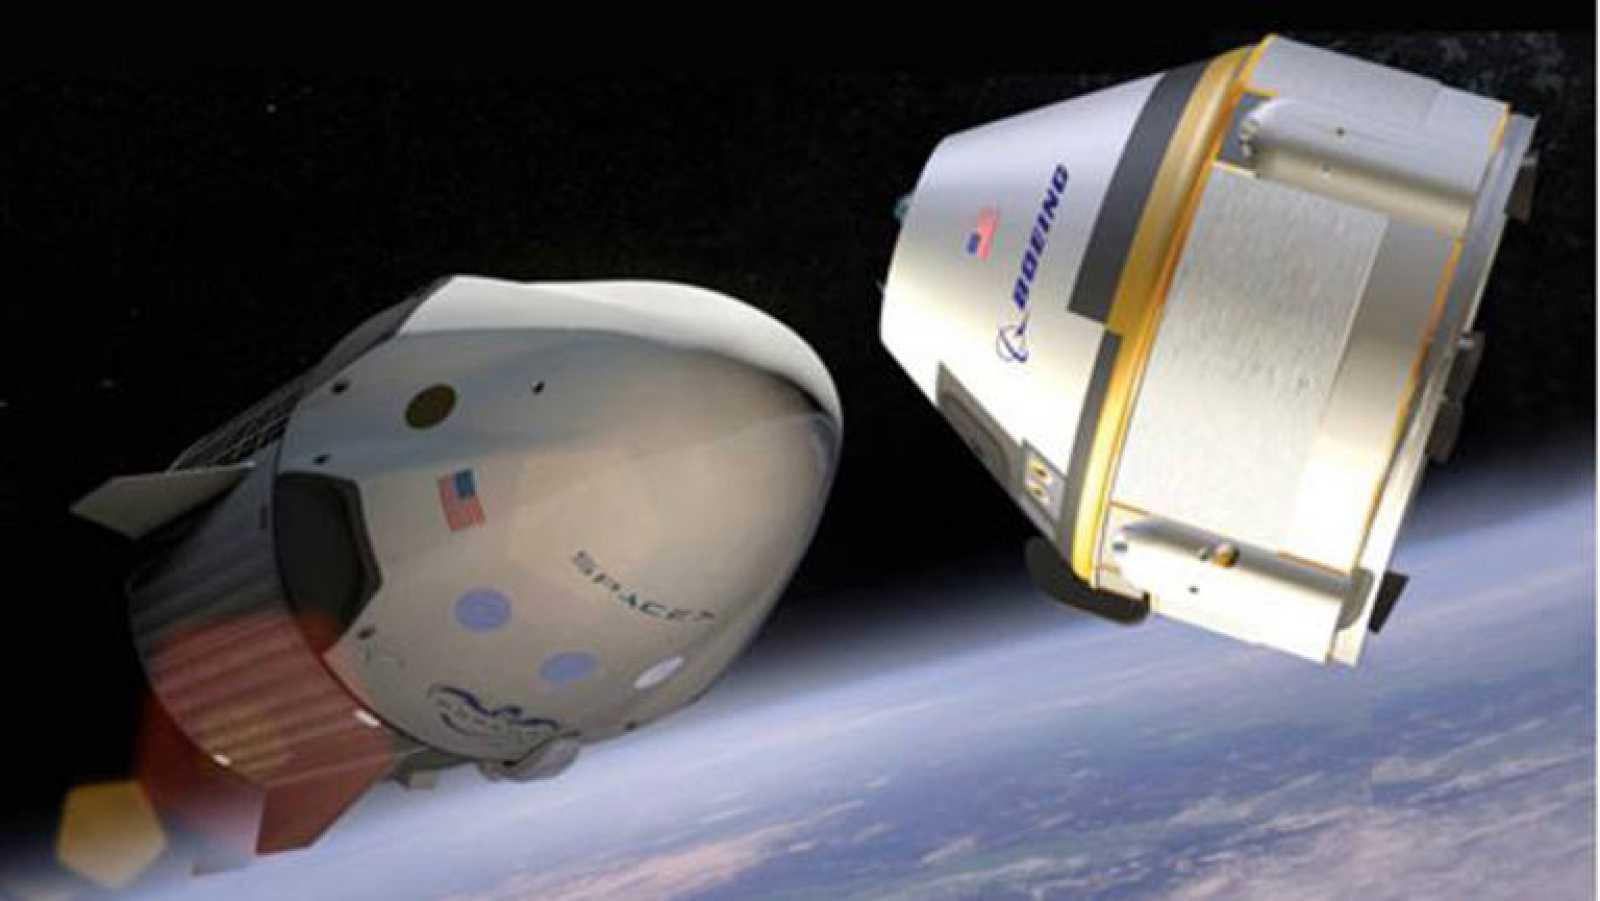 La NASA selecciona los diseños de naves de Boeing y de SpaceX para los futuros lanzamientos de astronautas